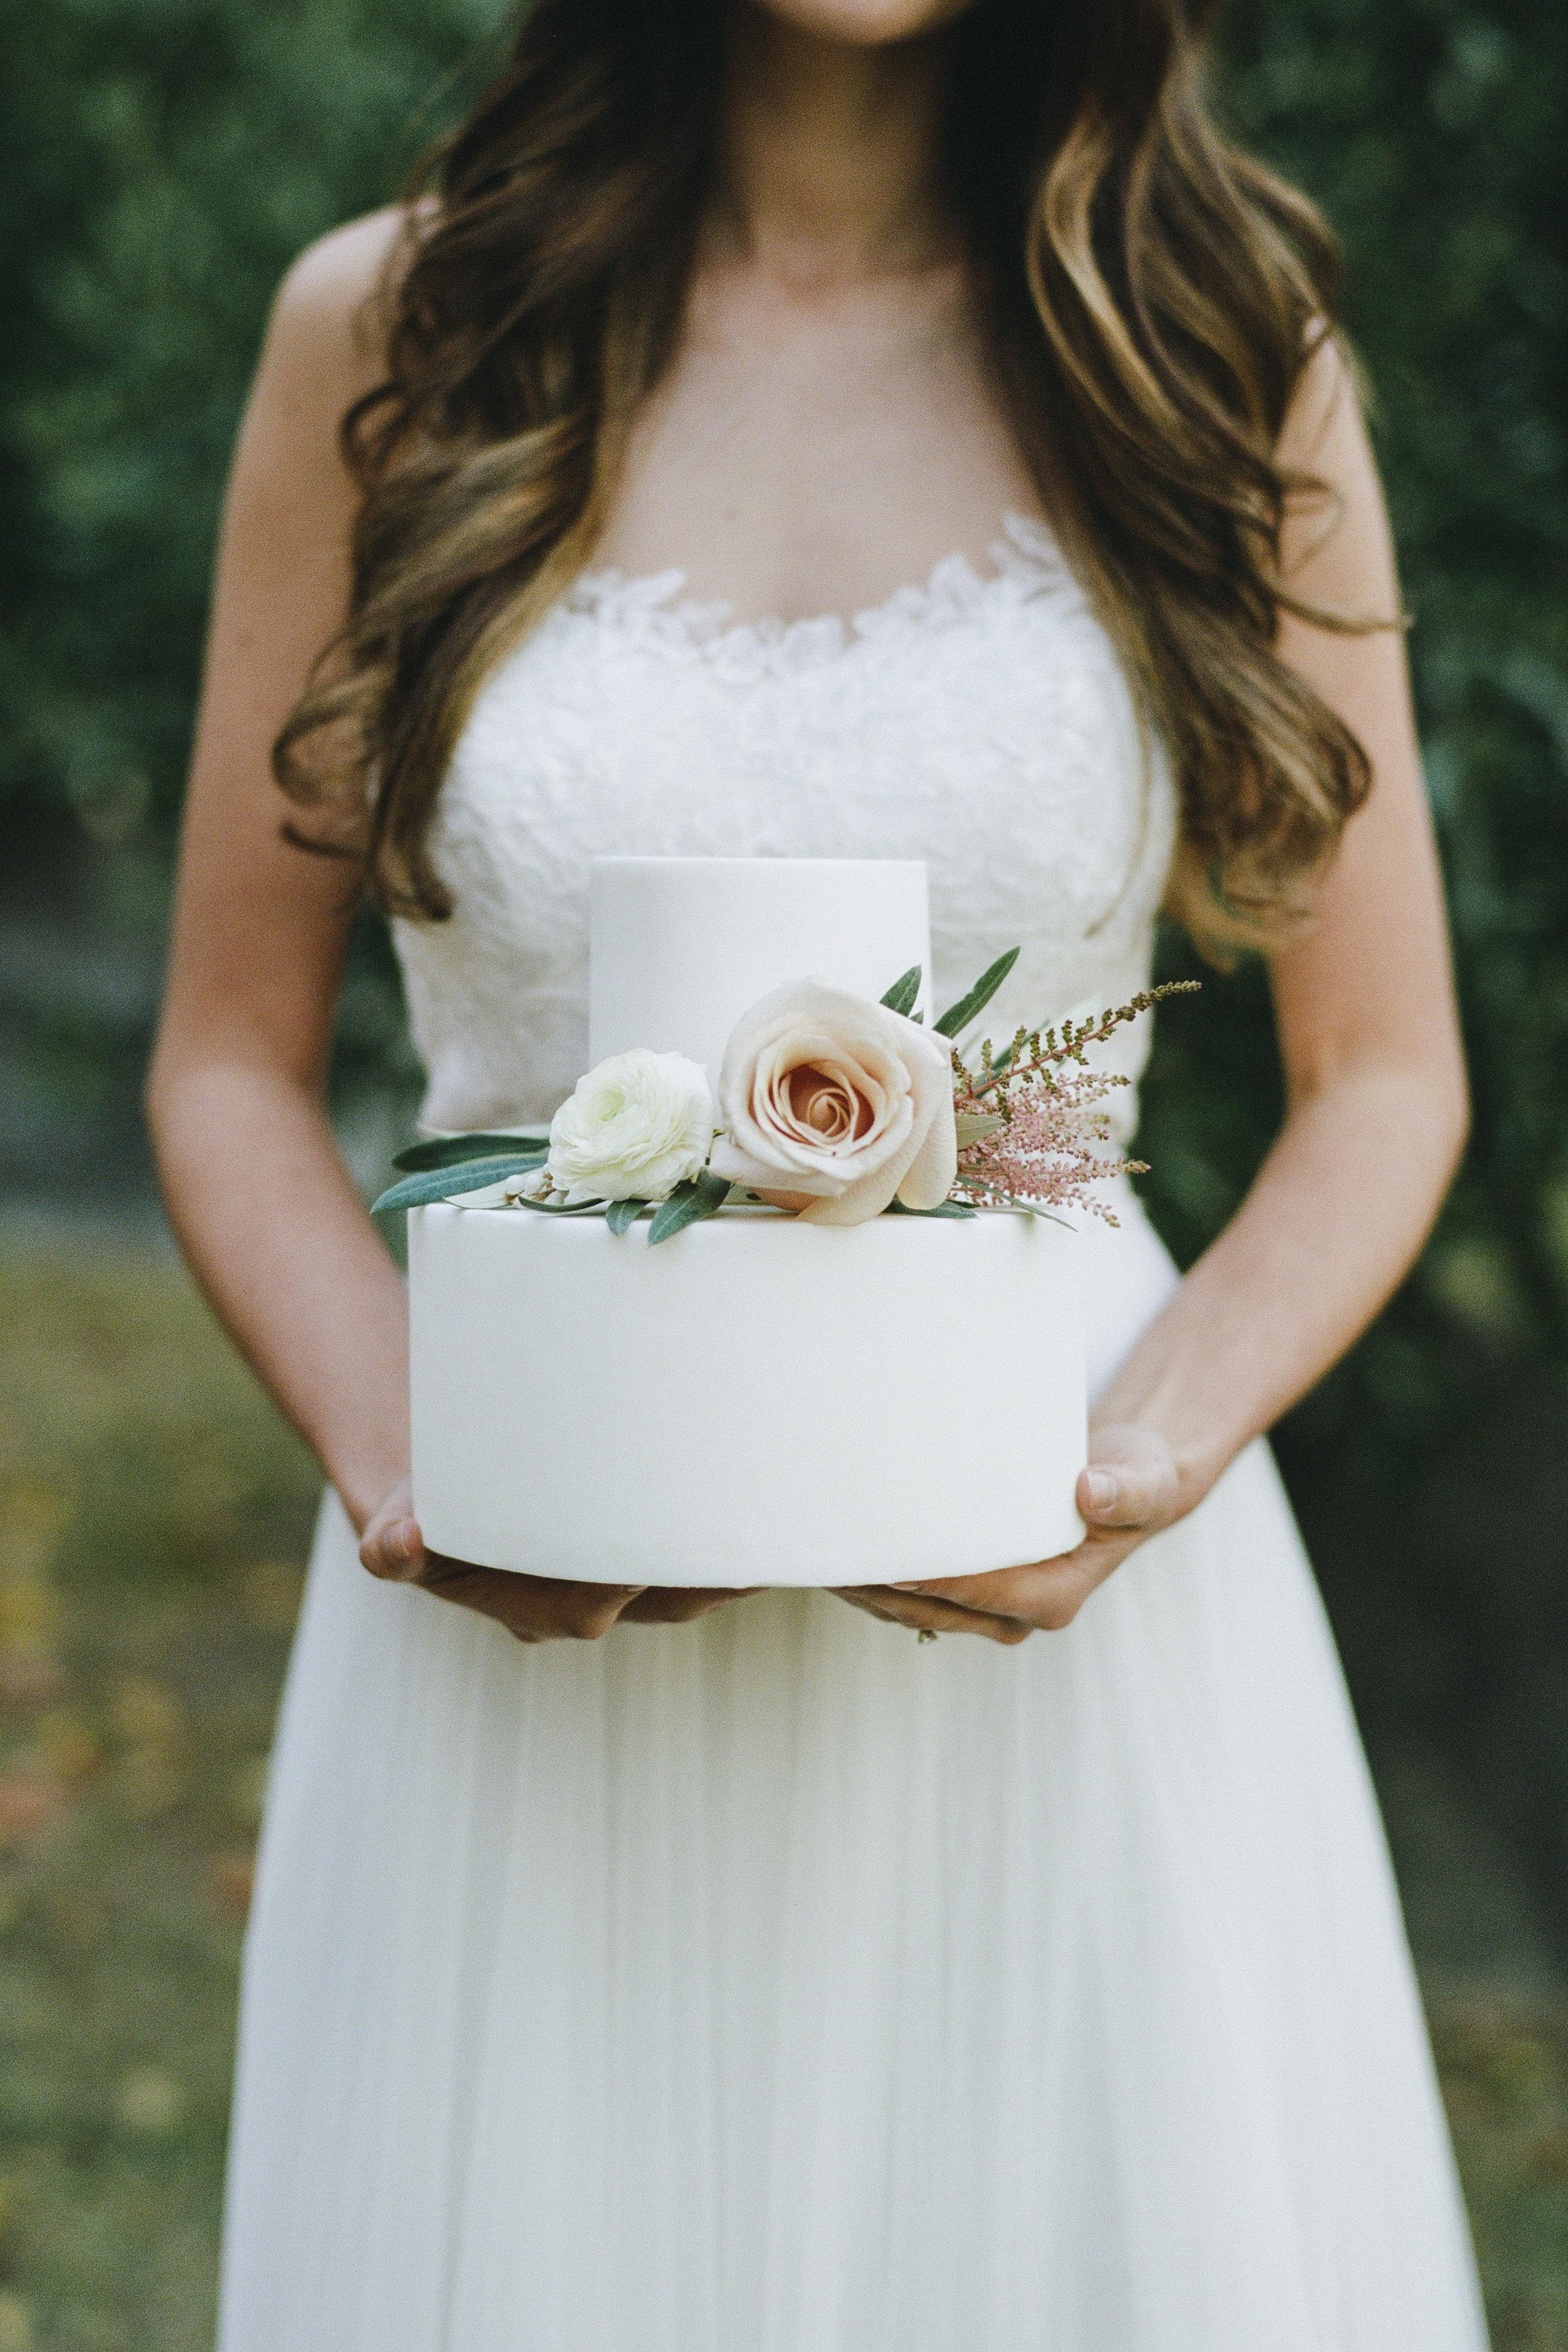 Violette-fleurs-roseville-sacramento-california-Flower-farm-inn-wedding-florist-spring-cake-inspo-simple-elegant.jpg